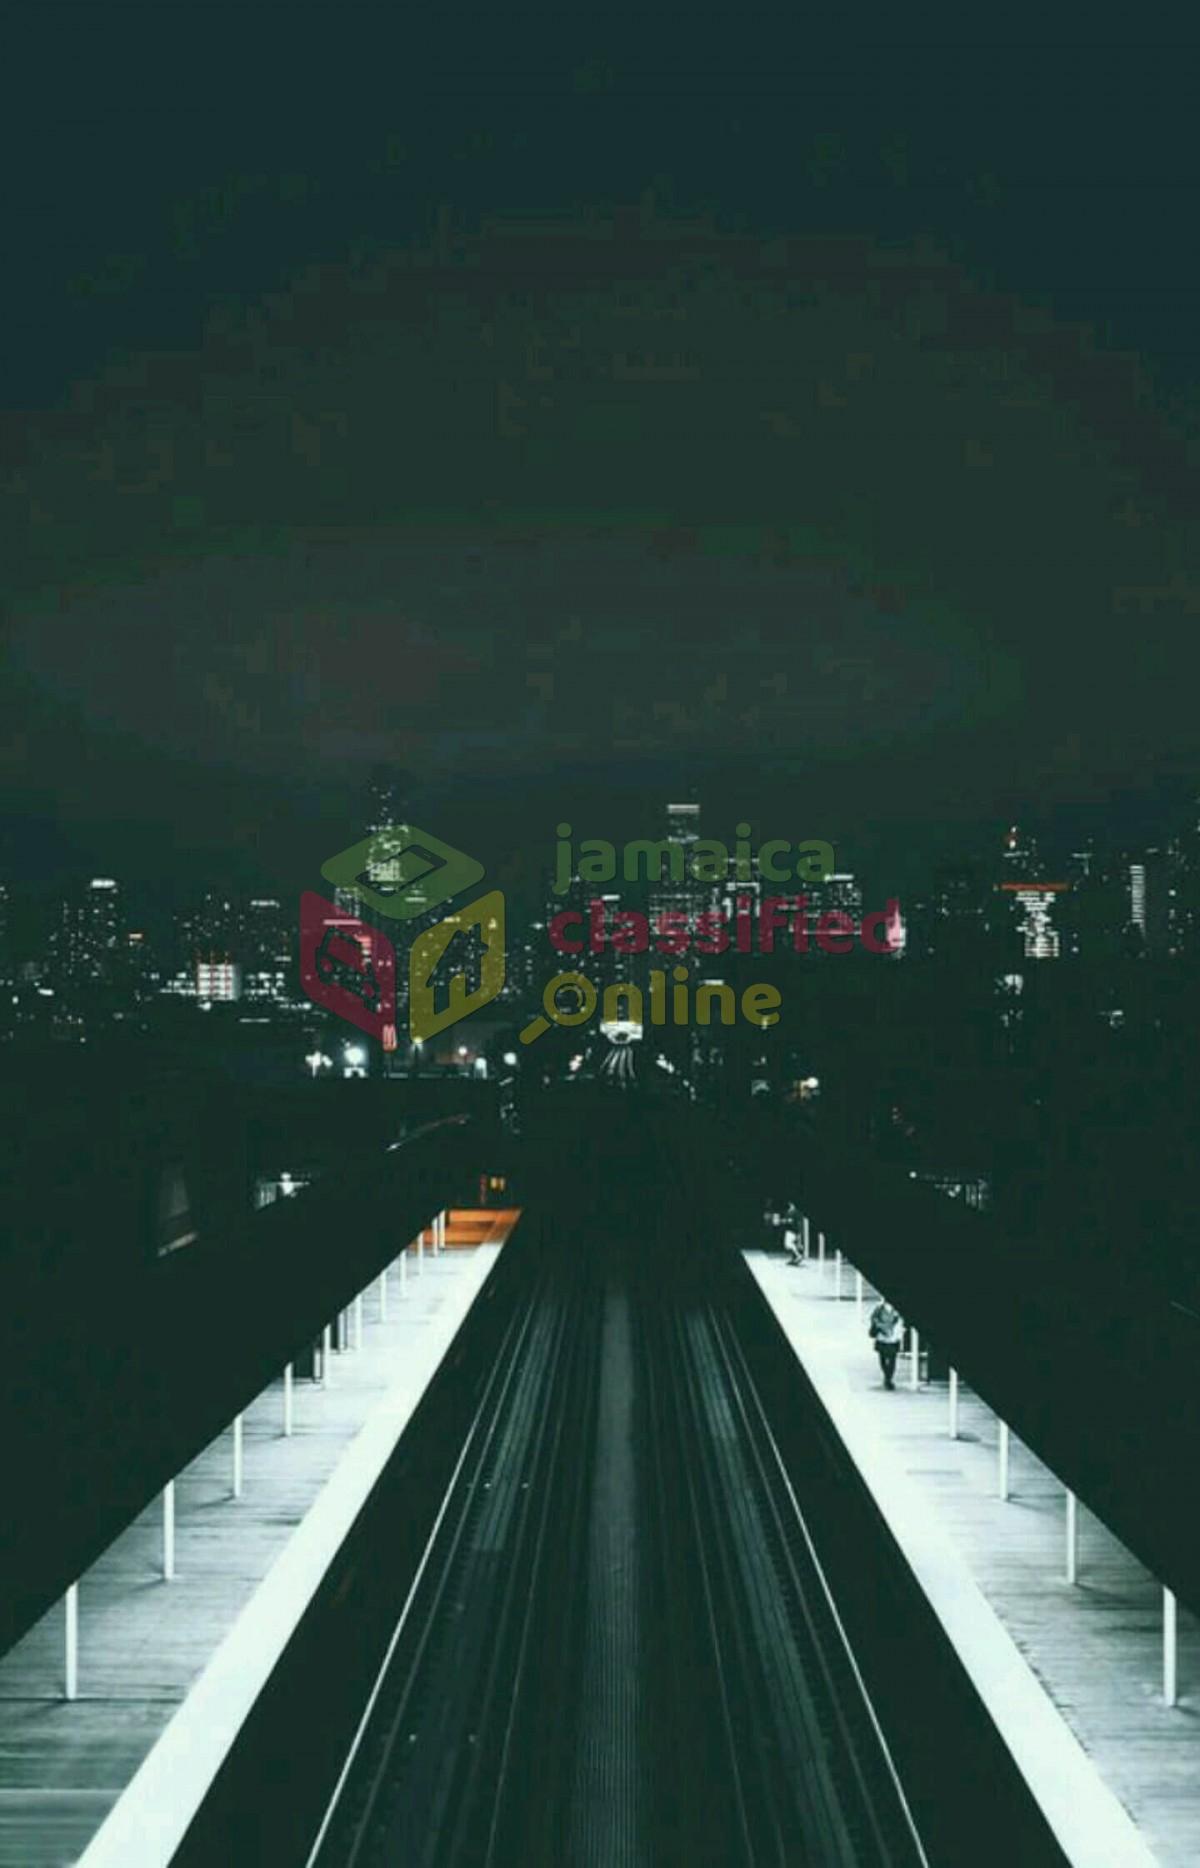 I am seeking for a city